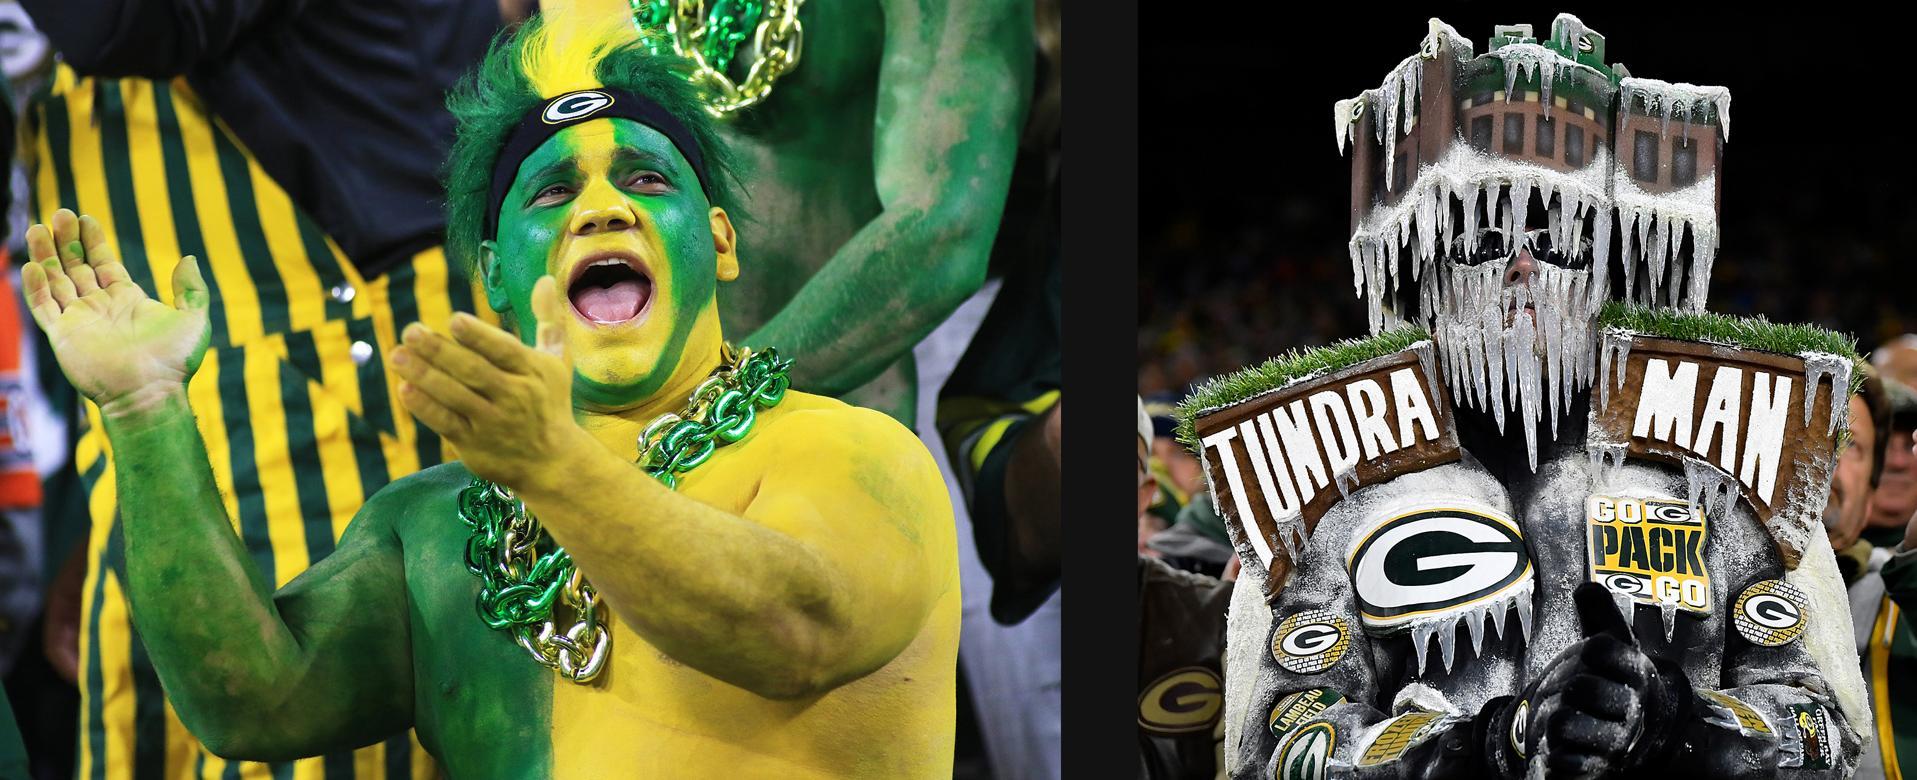 green-bay-packers-fan-by-larry-radloff-sportswire-getty-images